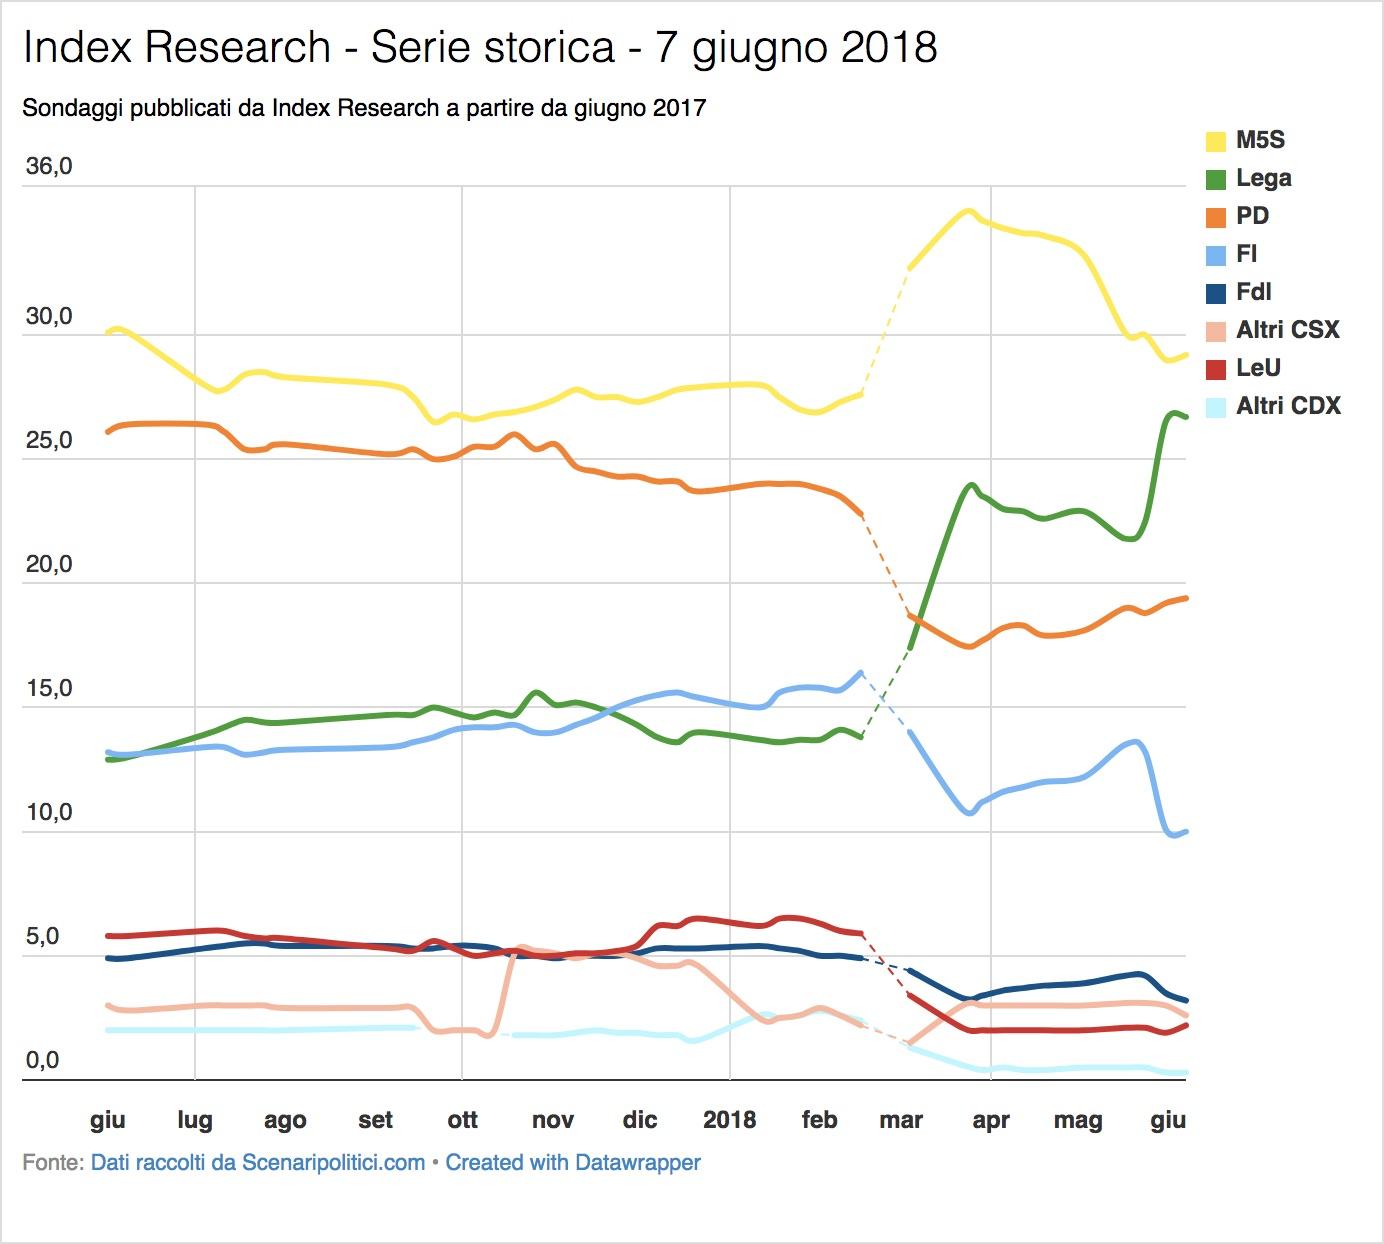 Sondaggio Index Research (7 giugno 2018)